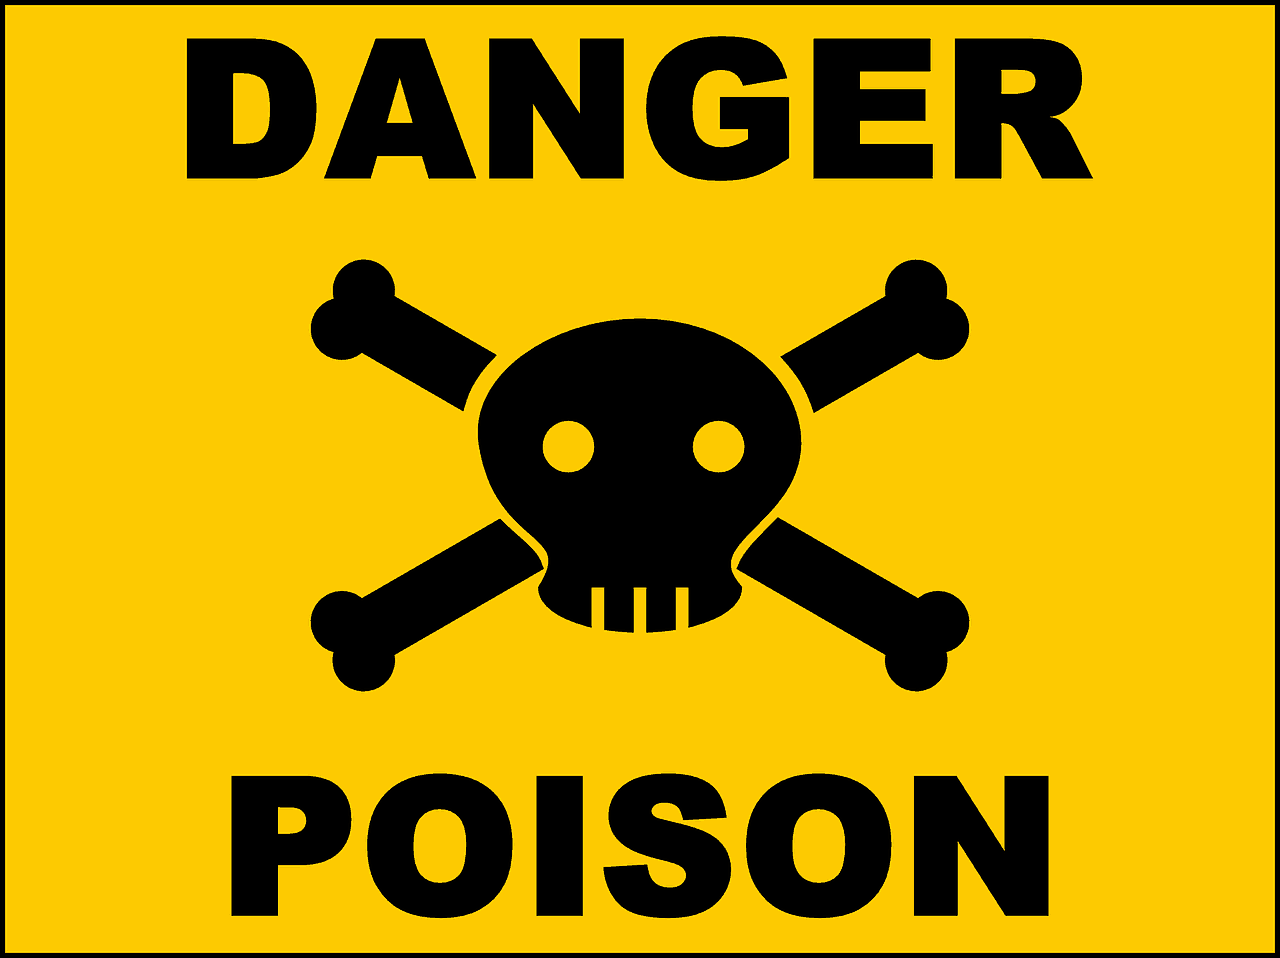 Gefahr Gift Schädel